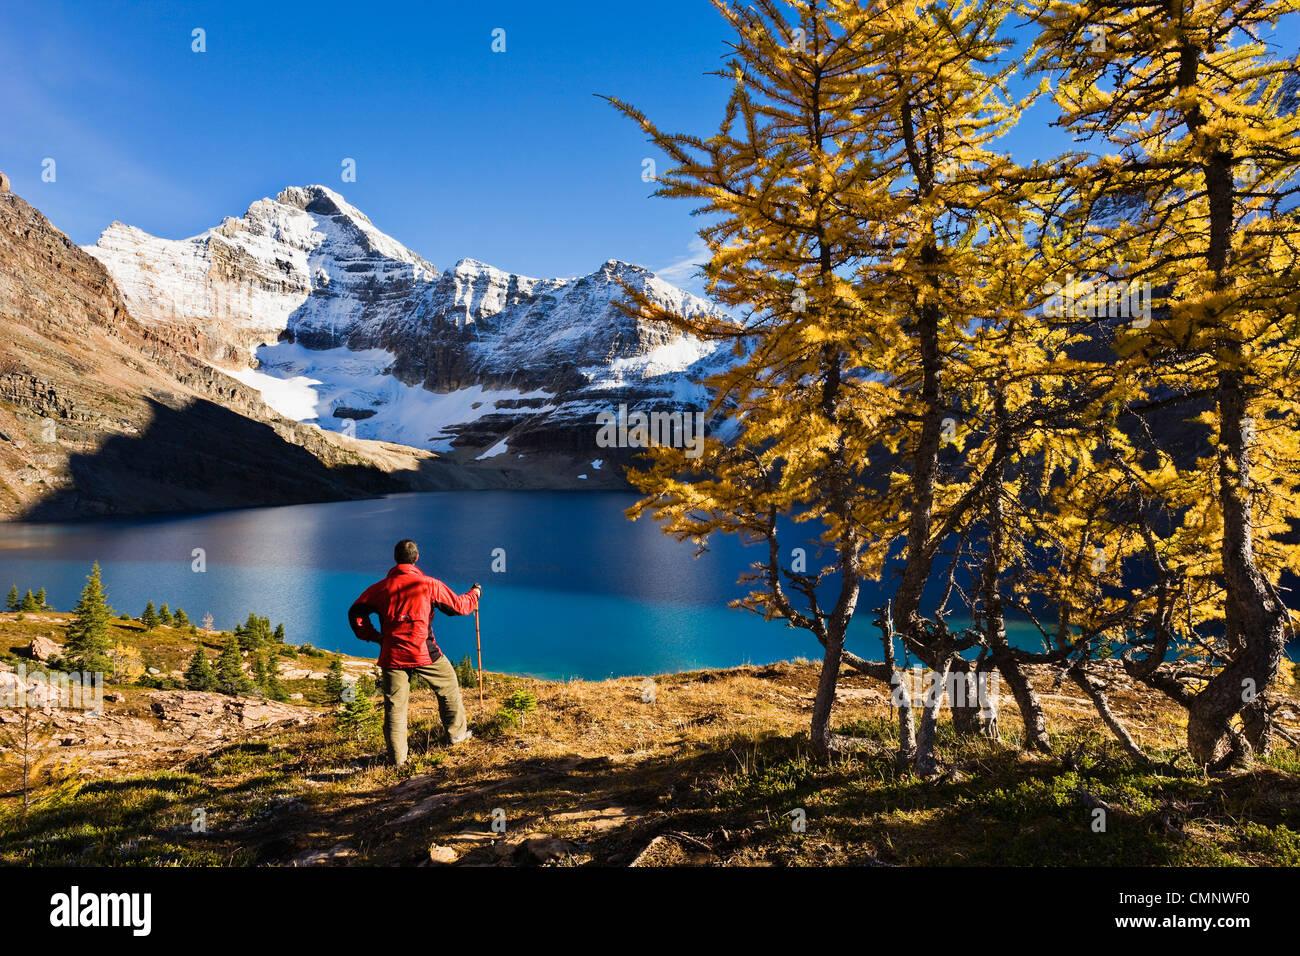 Randonneur sur le lac McArthur et Mont Biddle, le parc national Yoho, en Colombie-Britannique Photo Stock